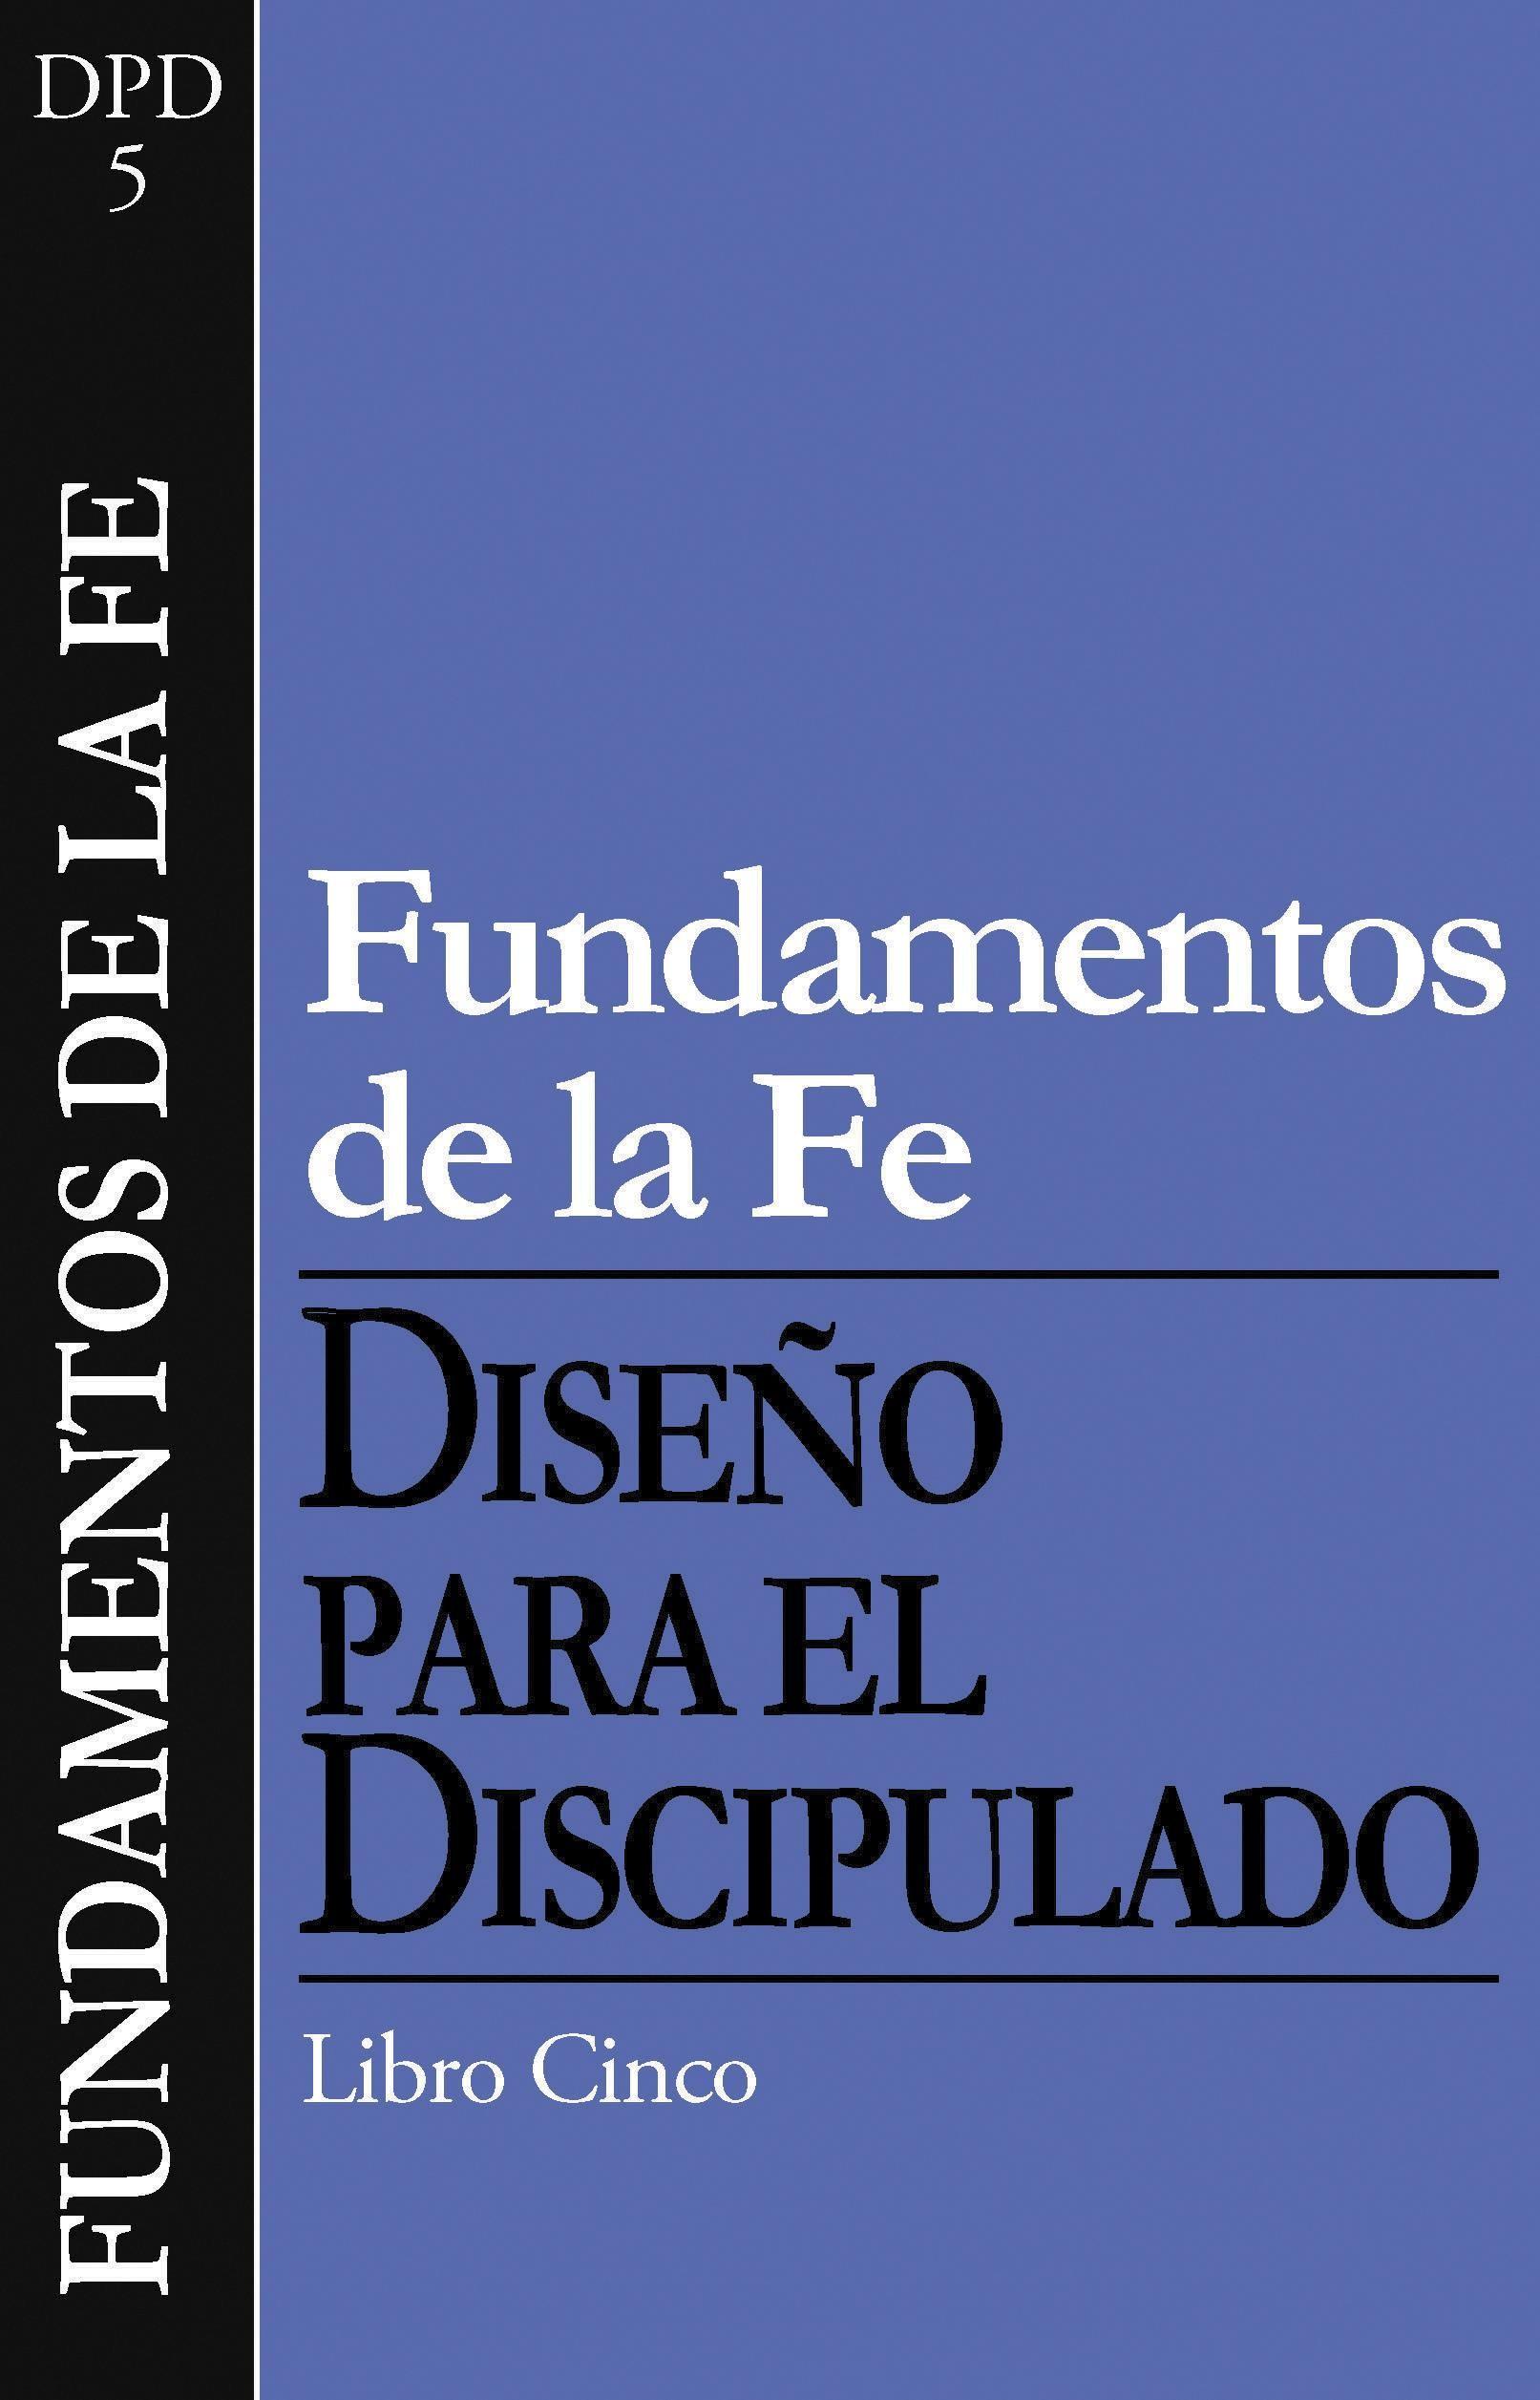 Diseño para el Discipulado: Fundamentos de la fe